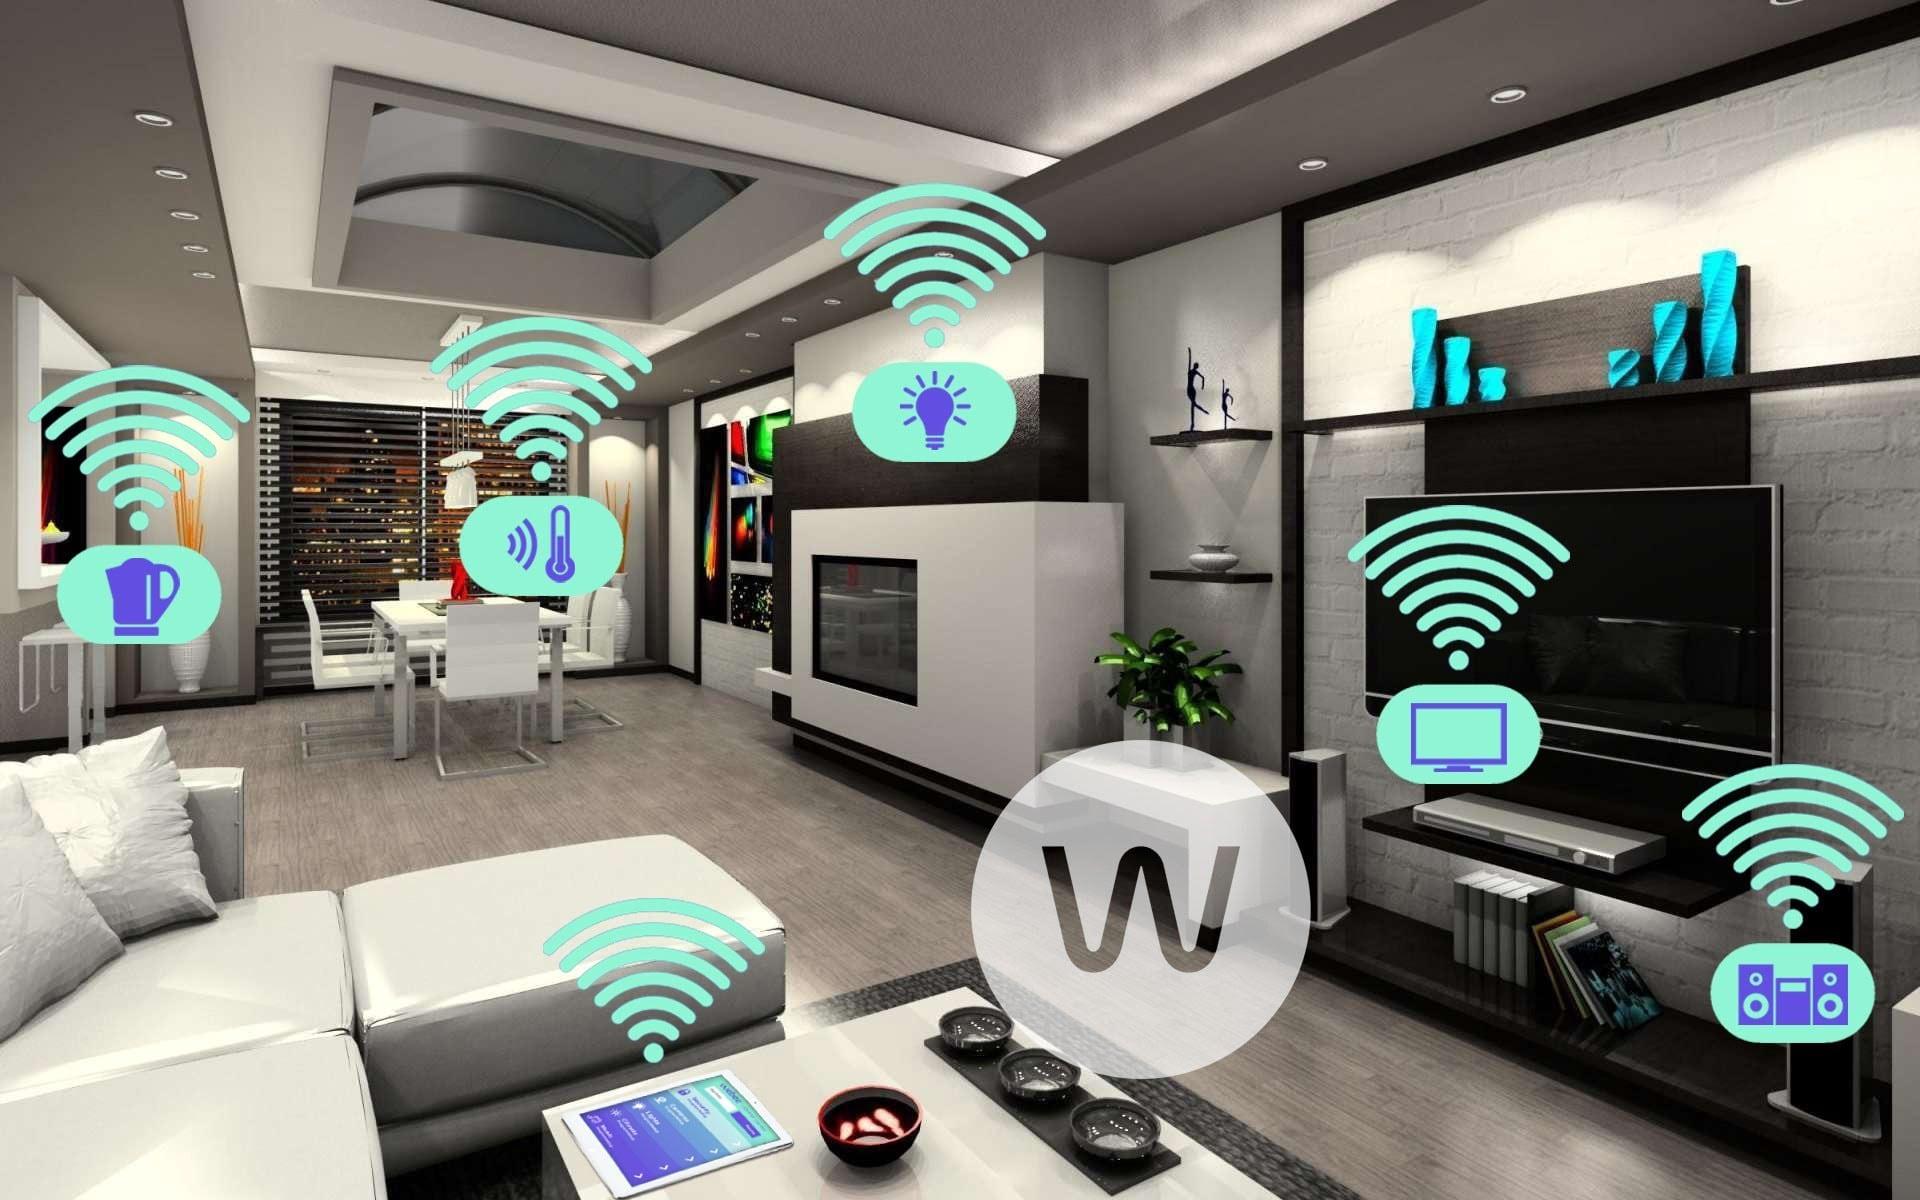 Thiết kế căn hộ 3 phòng ngủ tại Vinhomes Galaxy 2